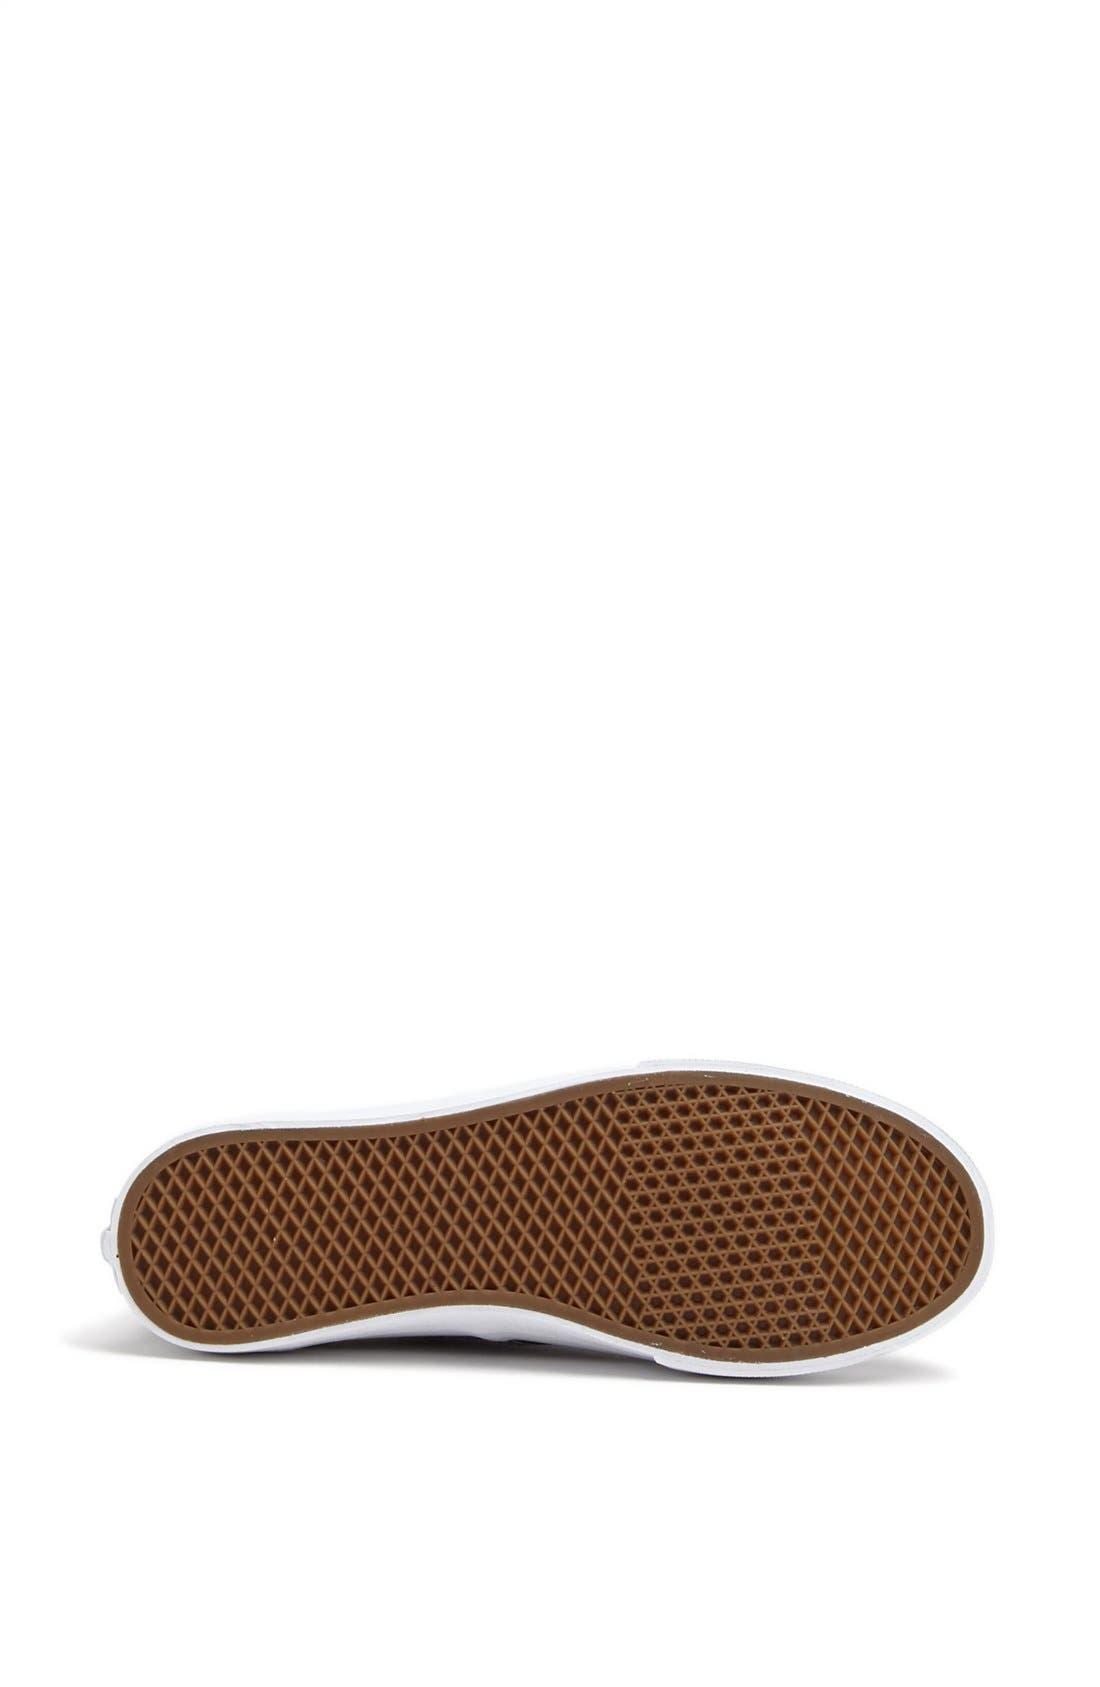 Alternate Image 4  - Vans 'Authentic - Slim' Polka Dot Sneaker (Women)